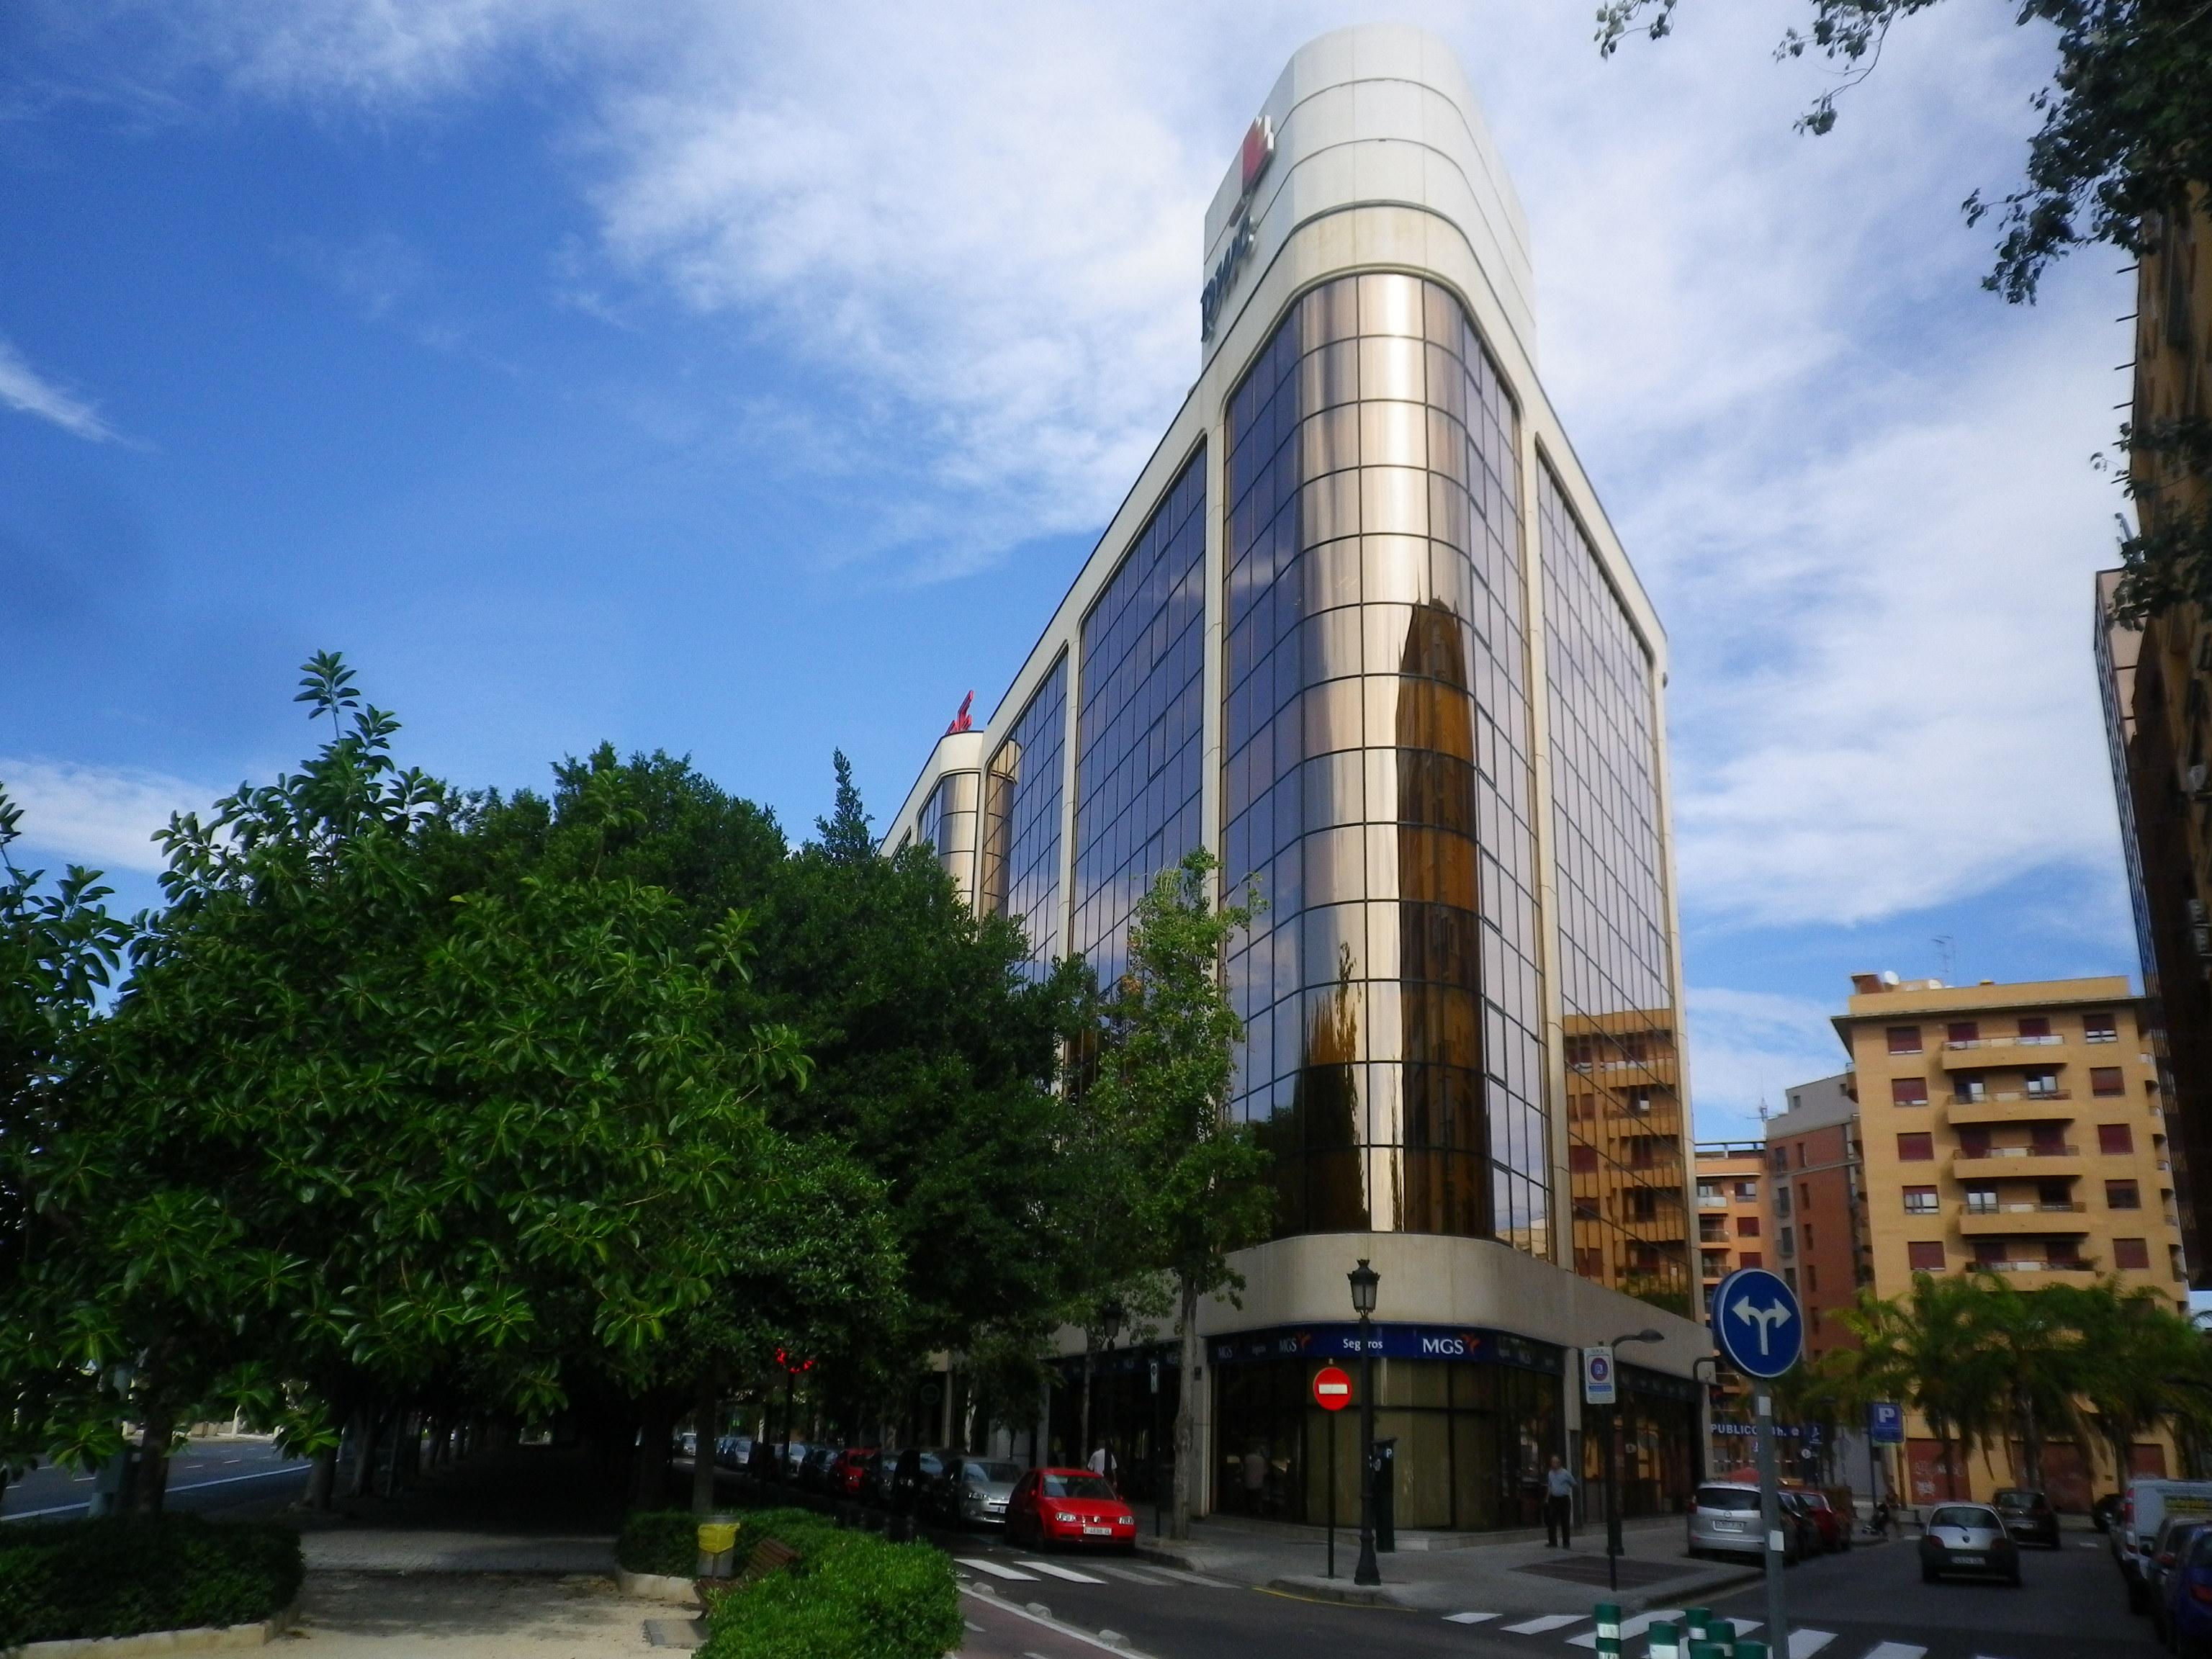 Oficinas en alquiler valencia for Edificio oficinas valencia